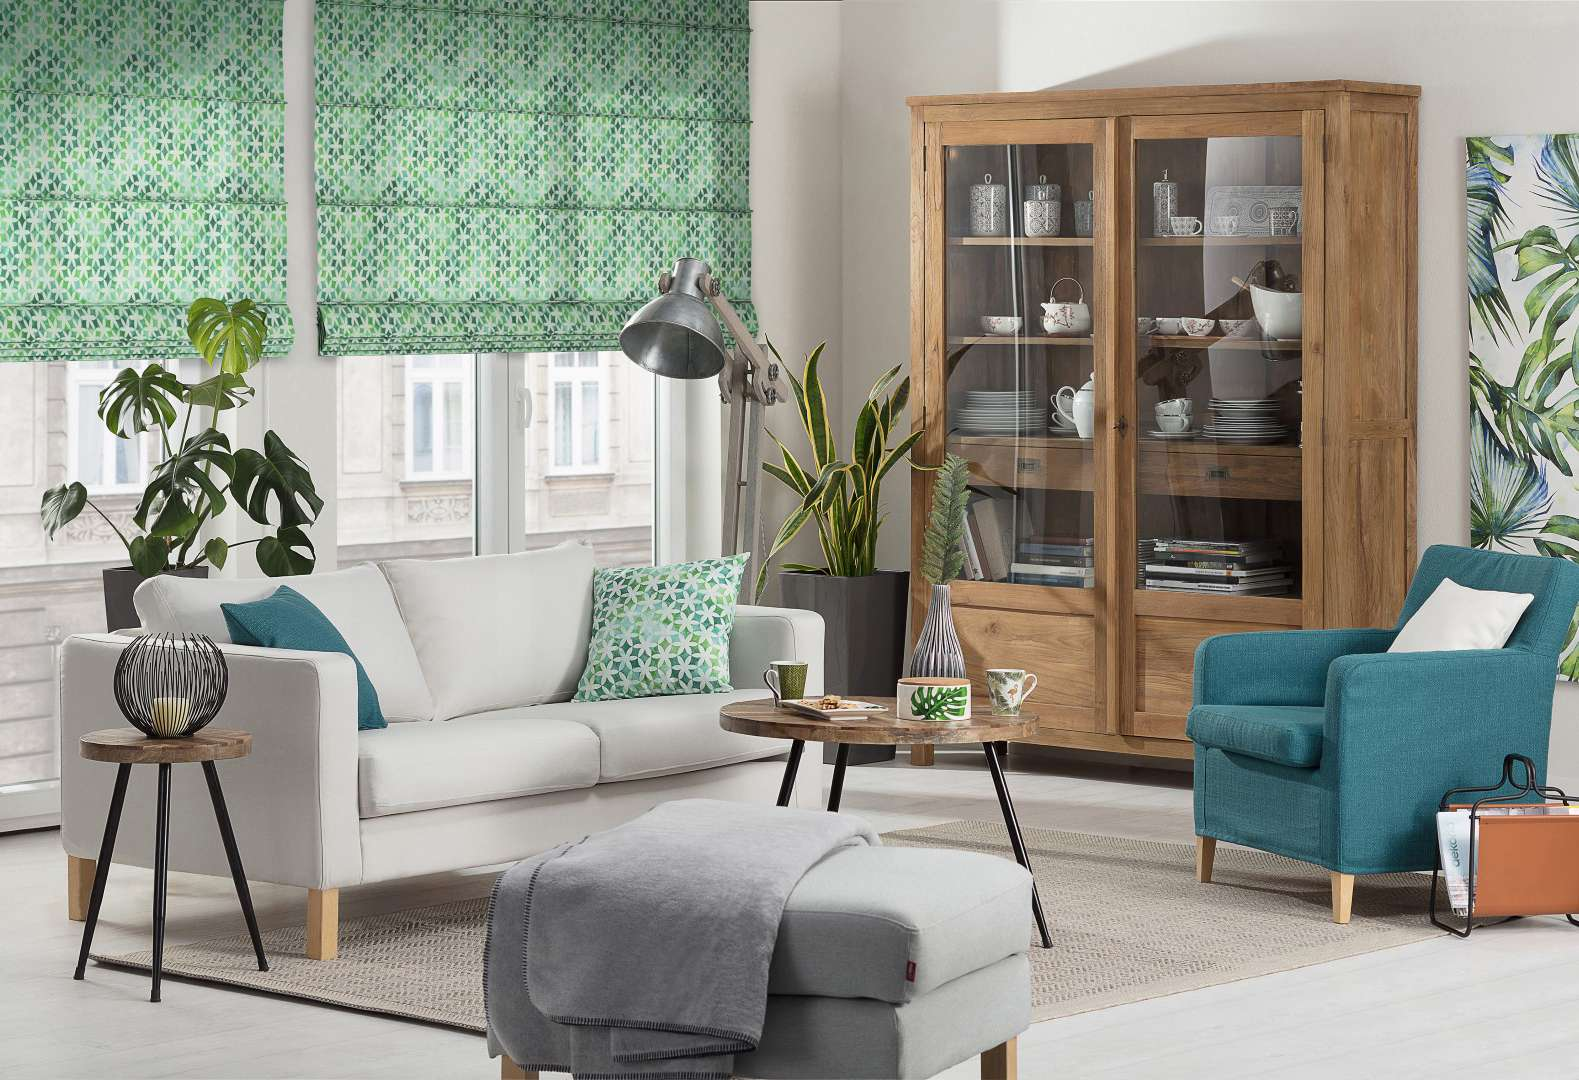 Pokoj se zelenou oázou